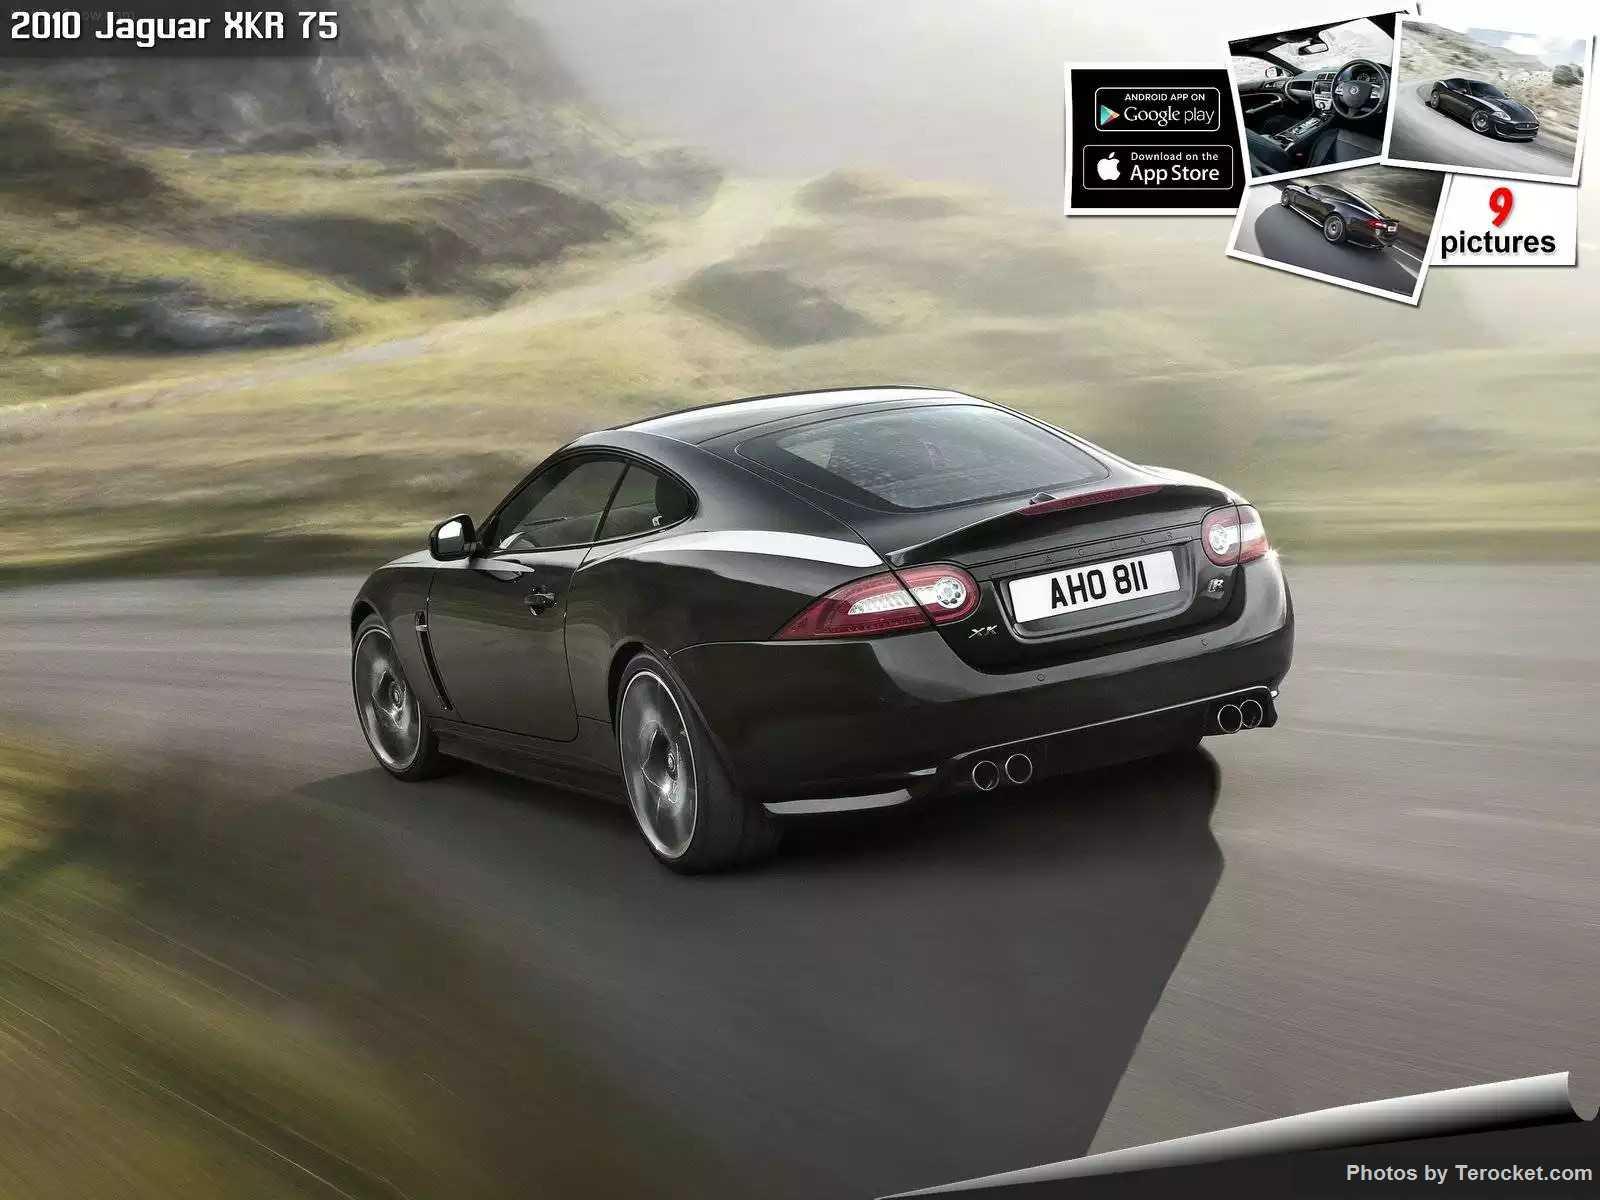 Hình ảnh xe ô tô Jaguar XKR 75 2010 & nội ngoại thất